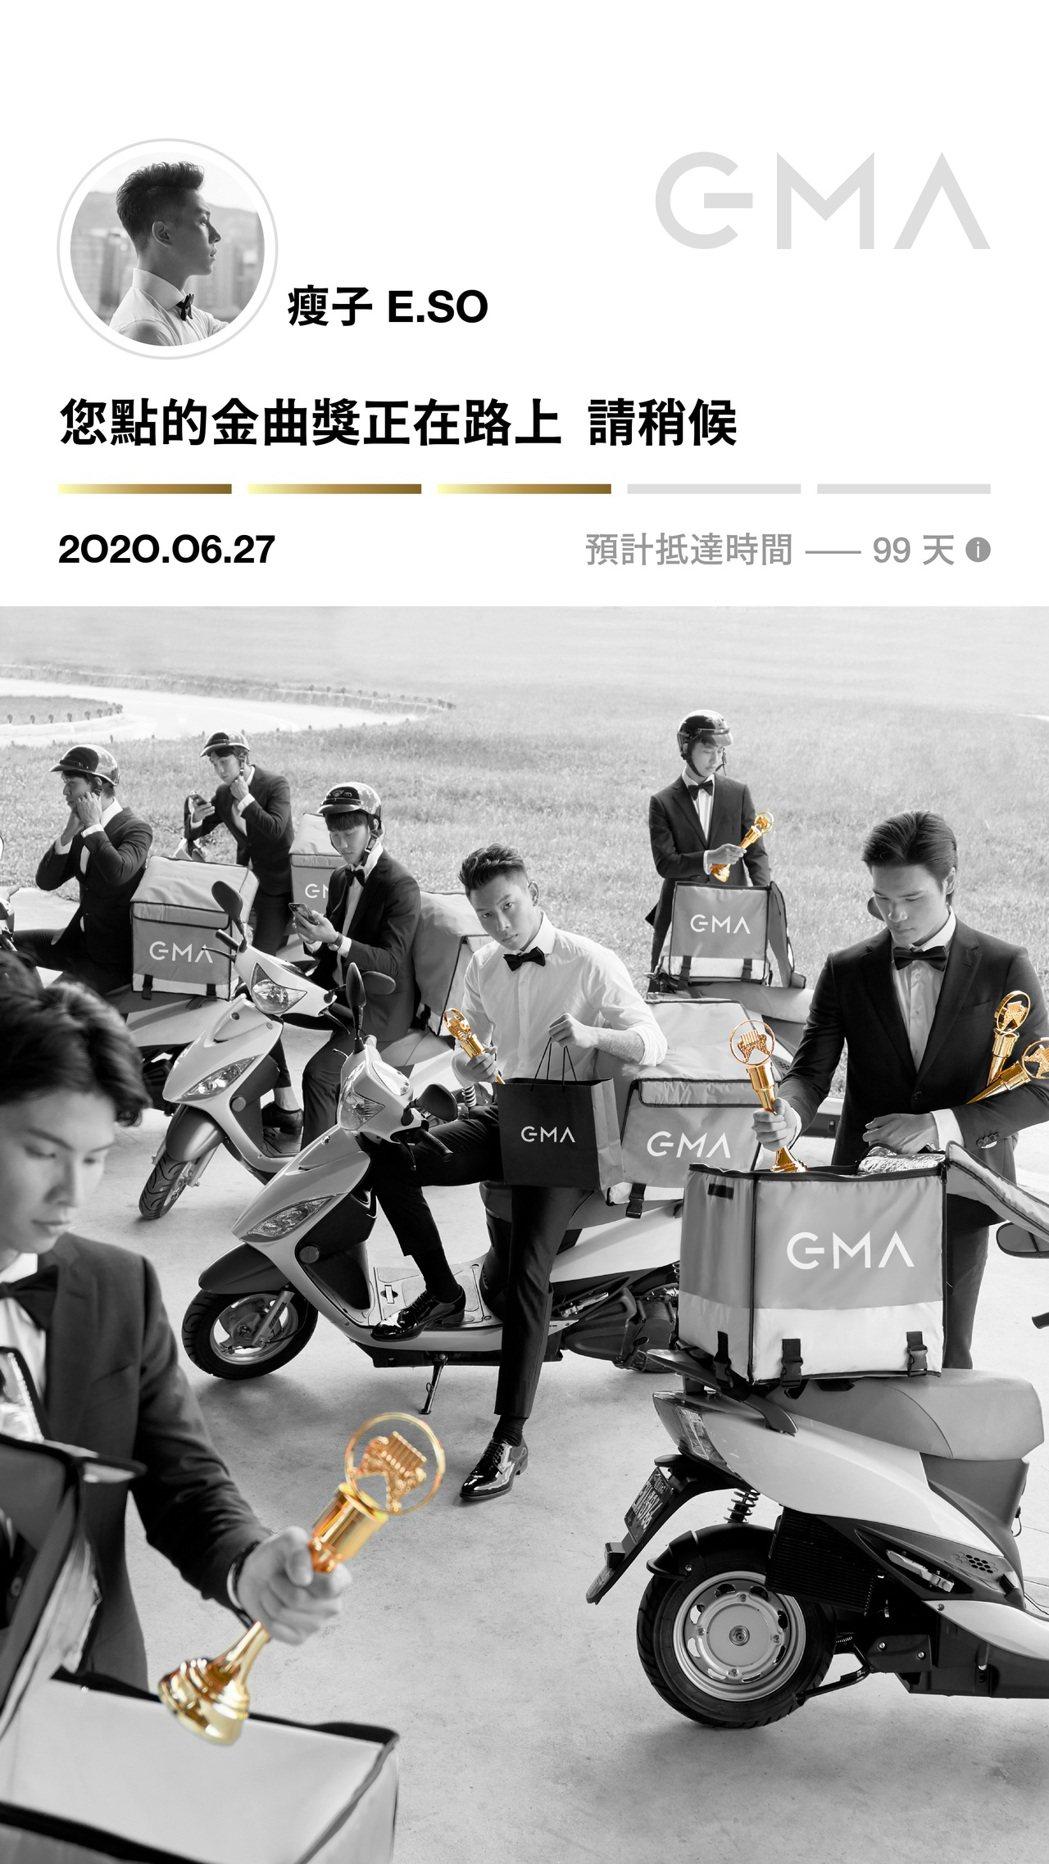 金曲獎公布延期日期,首波宣傳由頑童MJ116瘦子擔任「金曲特派員」。圖/台視提供